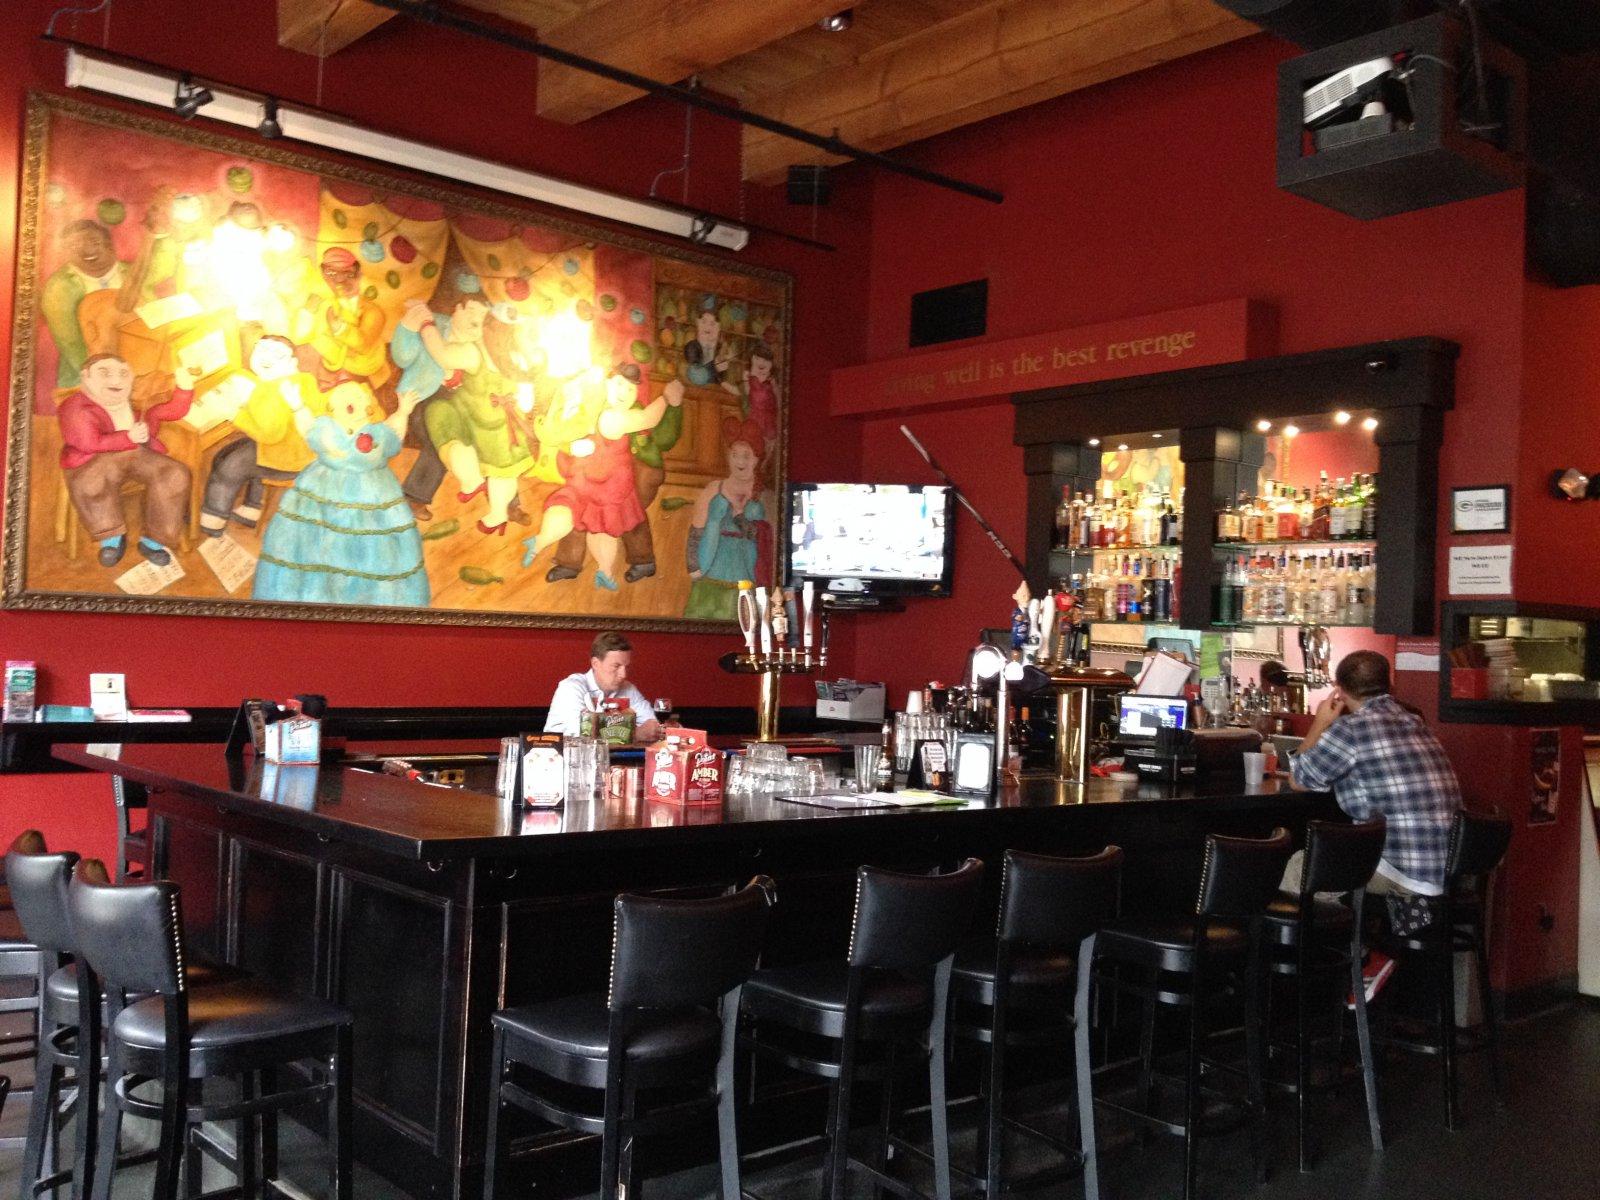 The bar at Club Charles